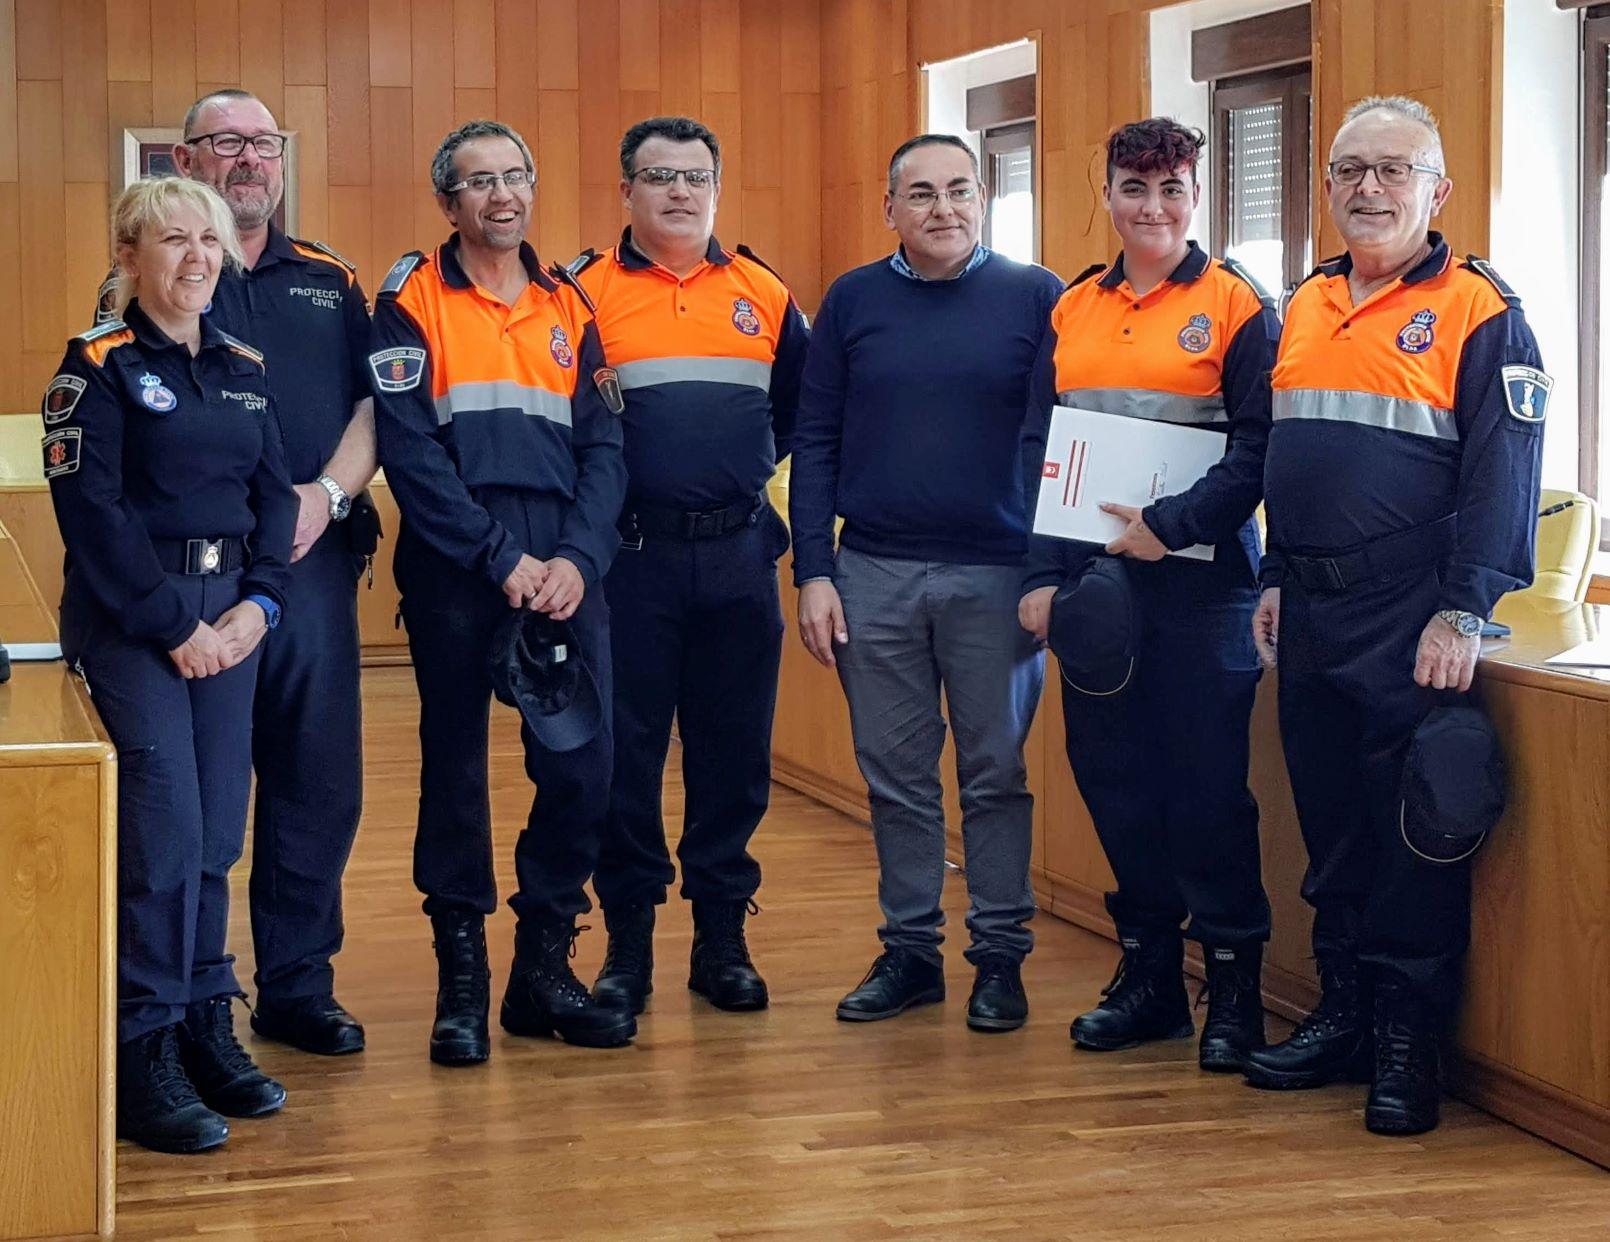 El Ayuntamiento de Elda incorpora cuatro nuevos voluntarios a la agrupación local de Protección Civil